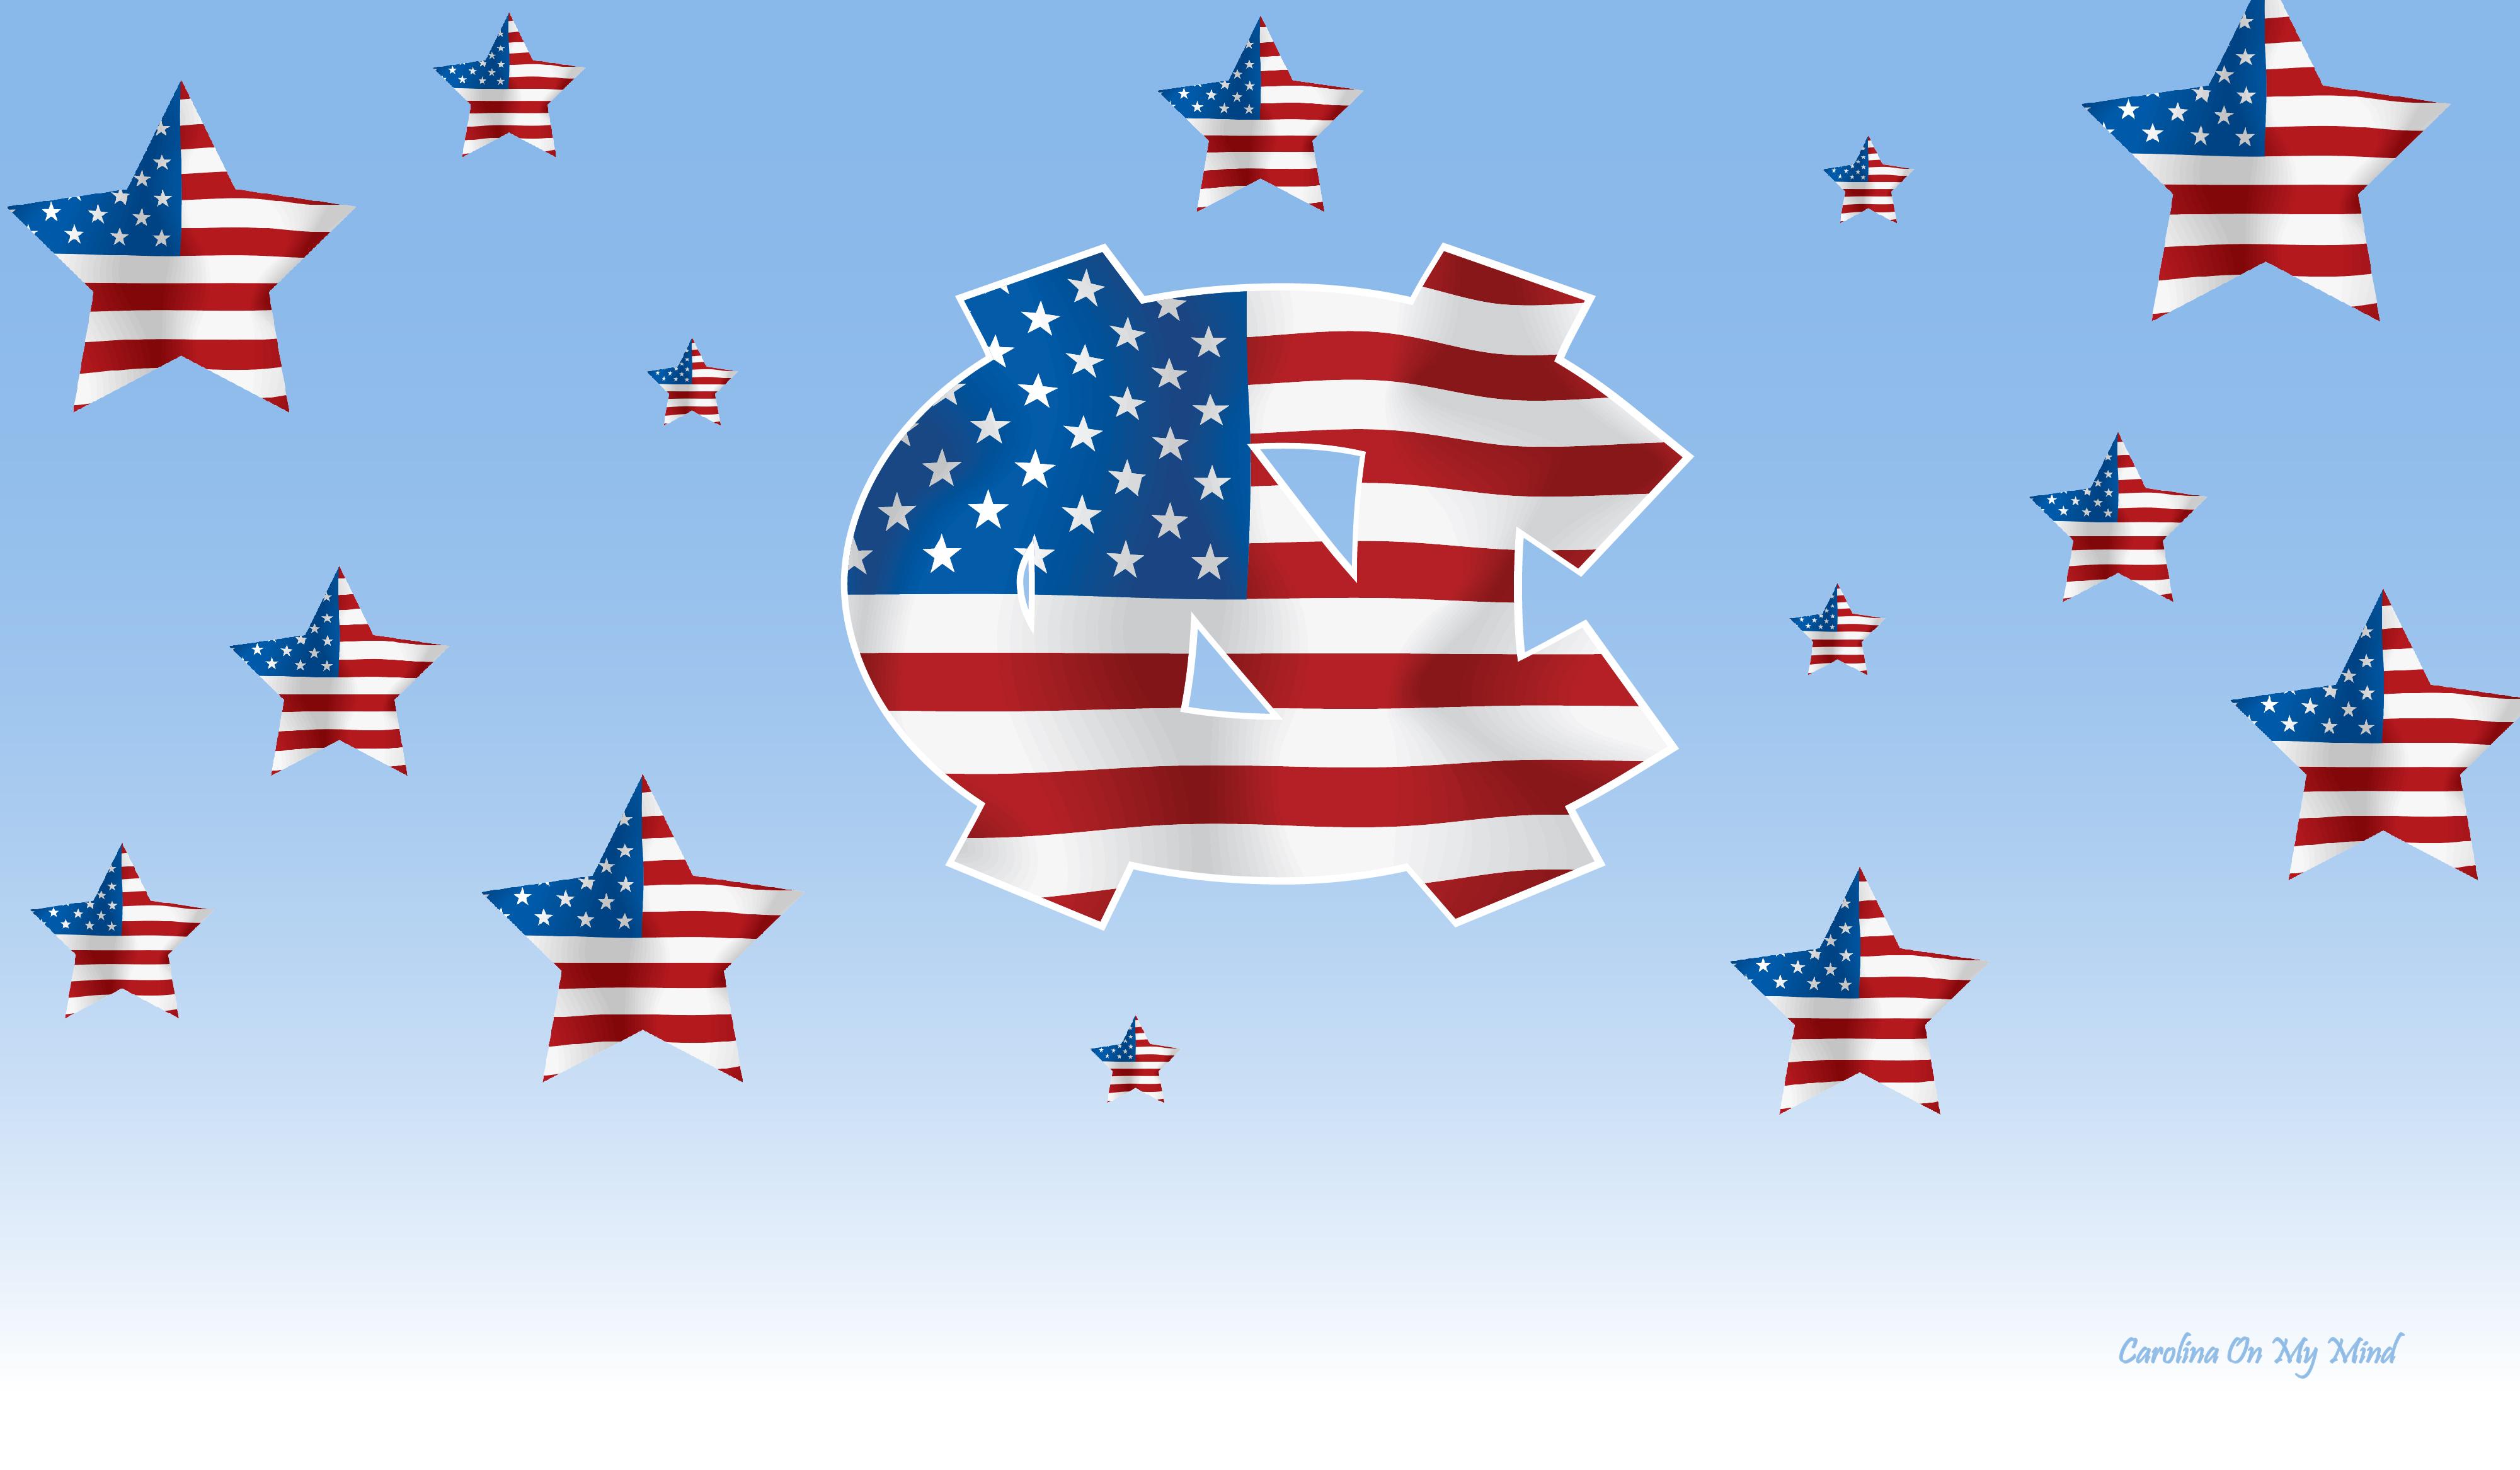 Patriotic UNC Wallpaper 1920 x 1080 4000x2333